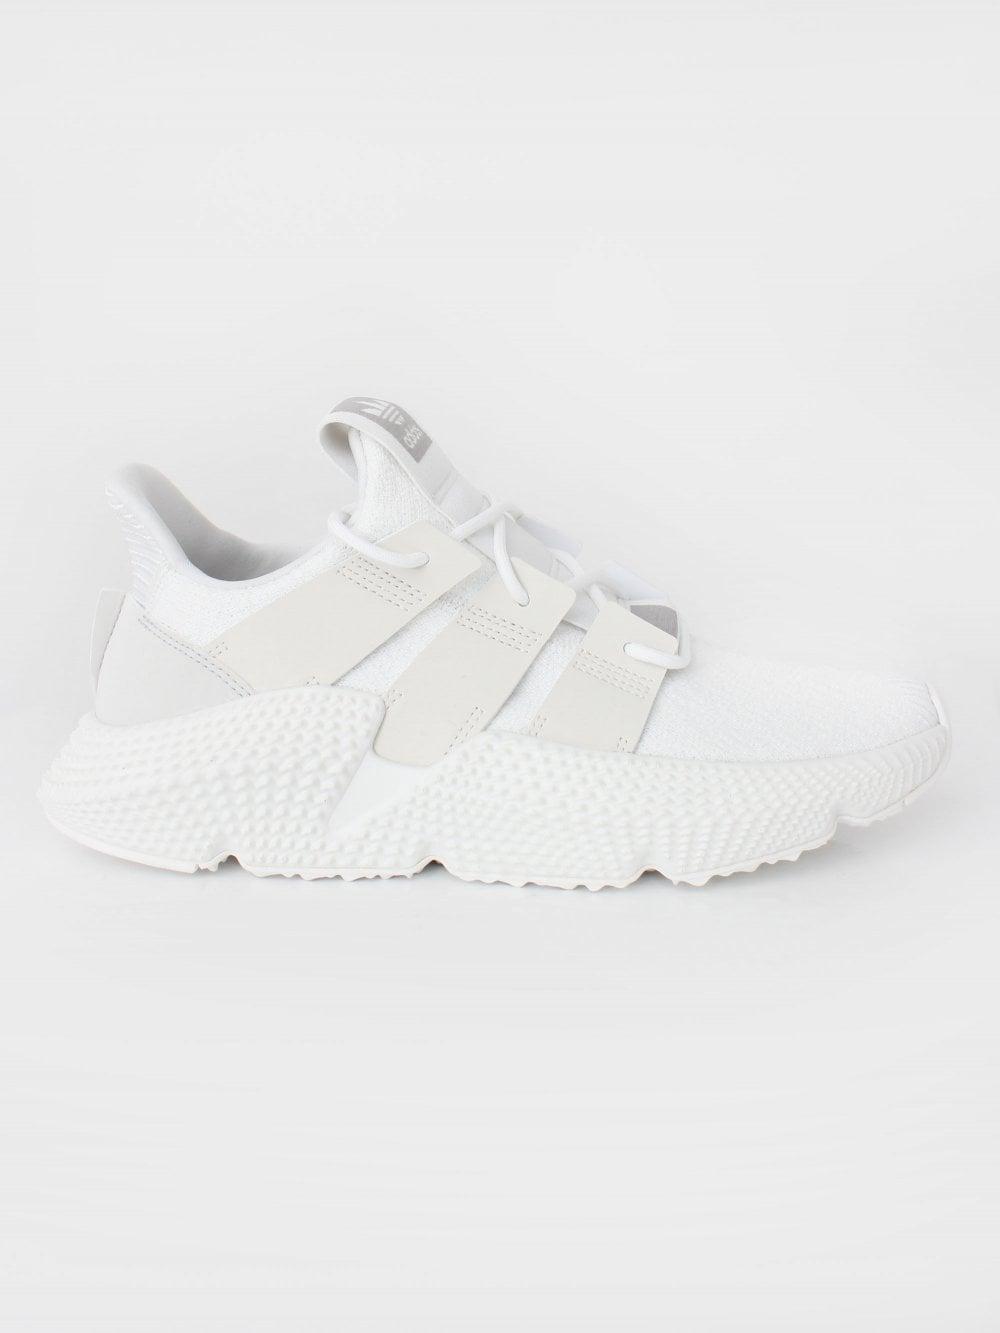 adidas Originals Prophere in White